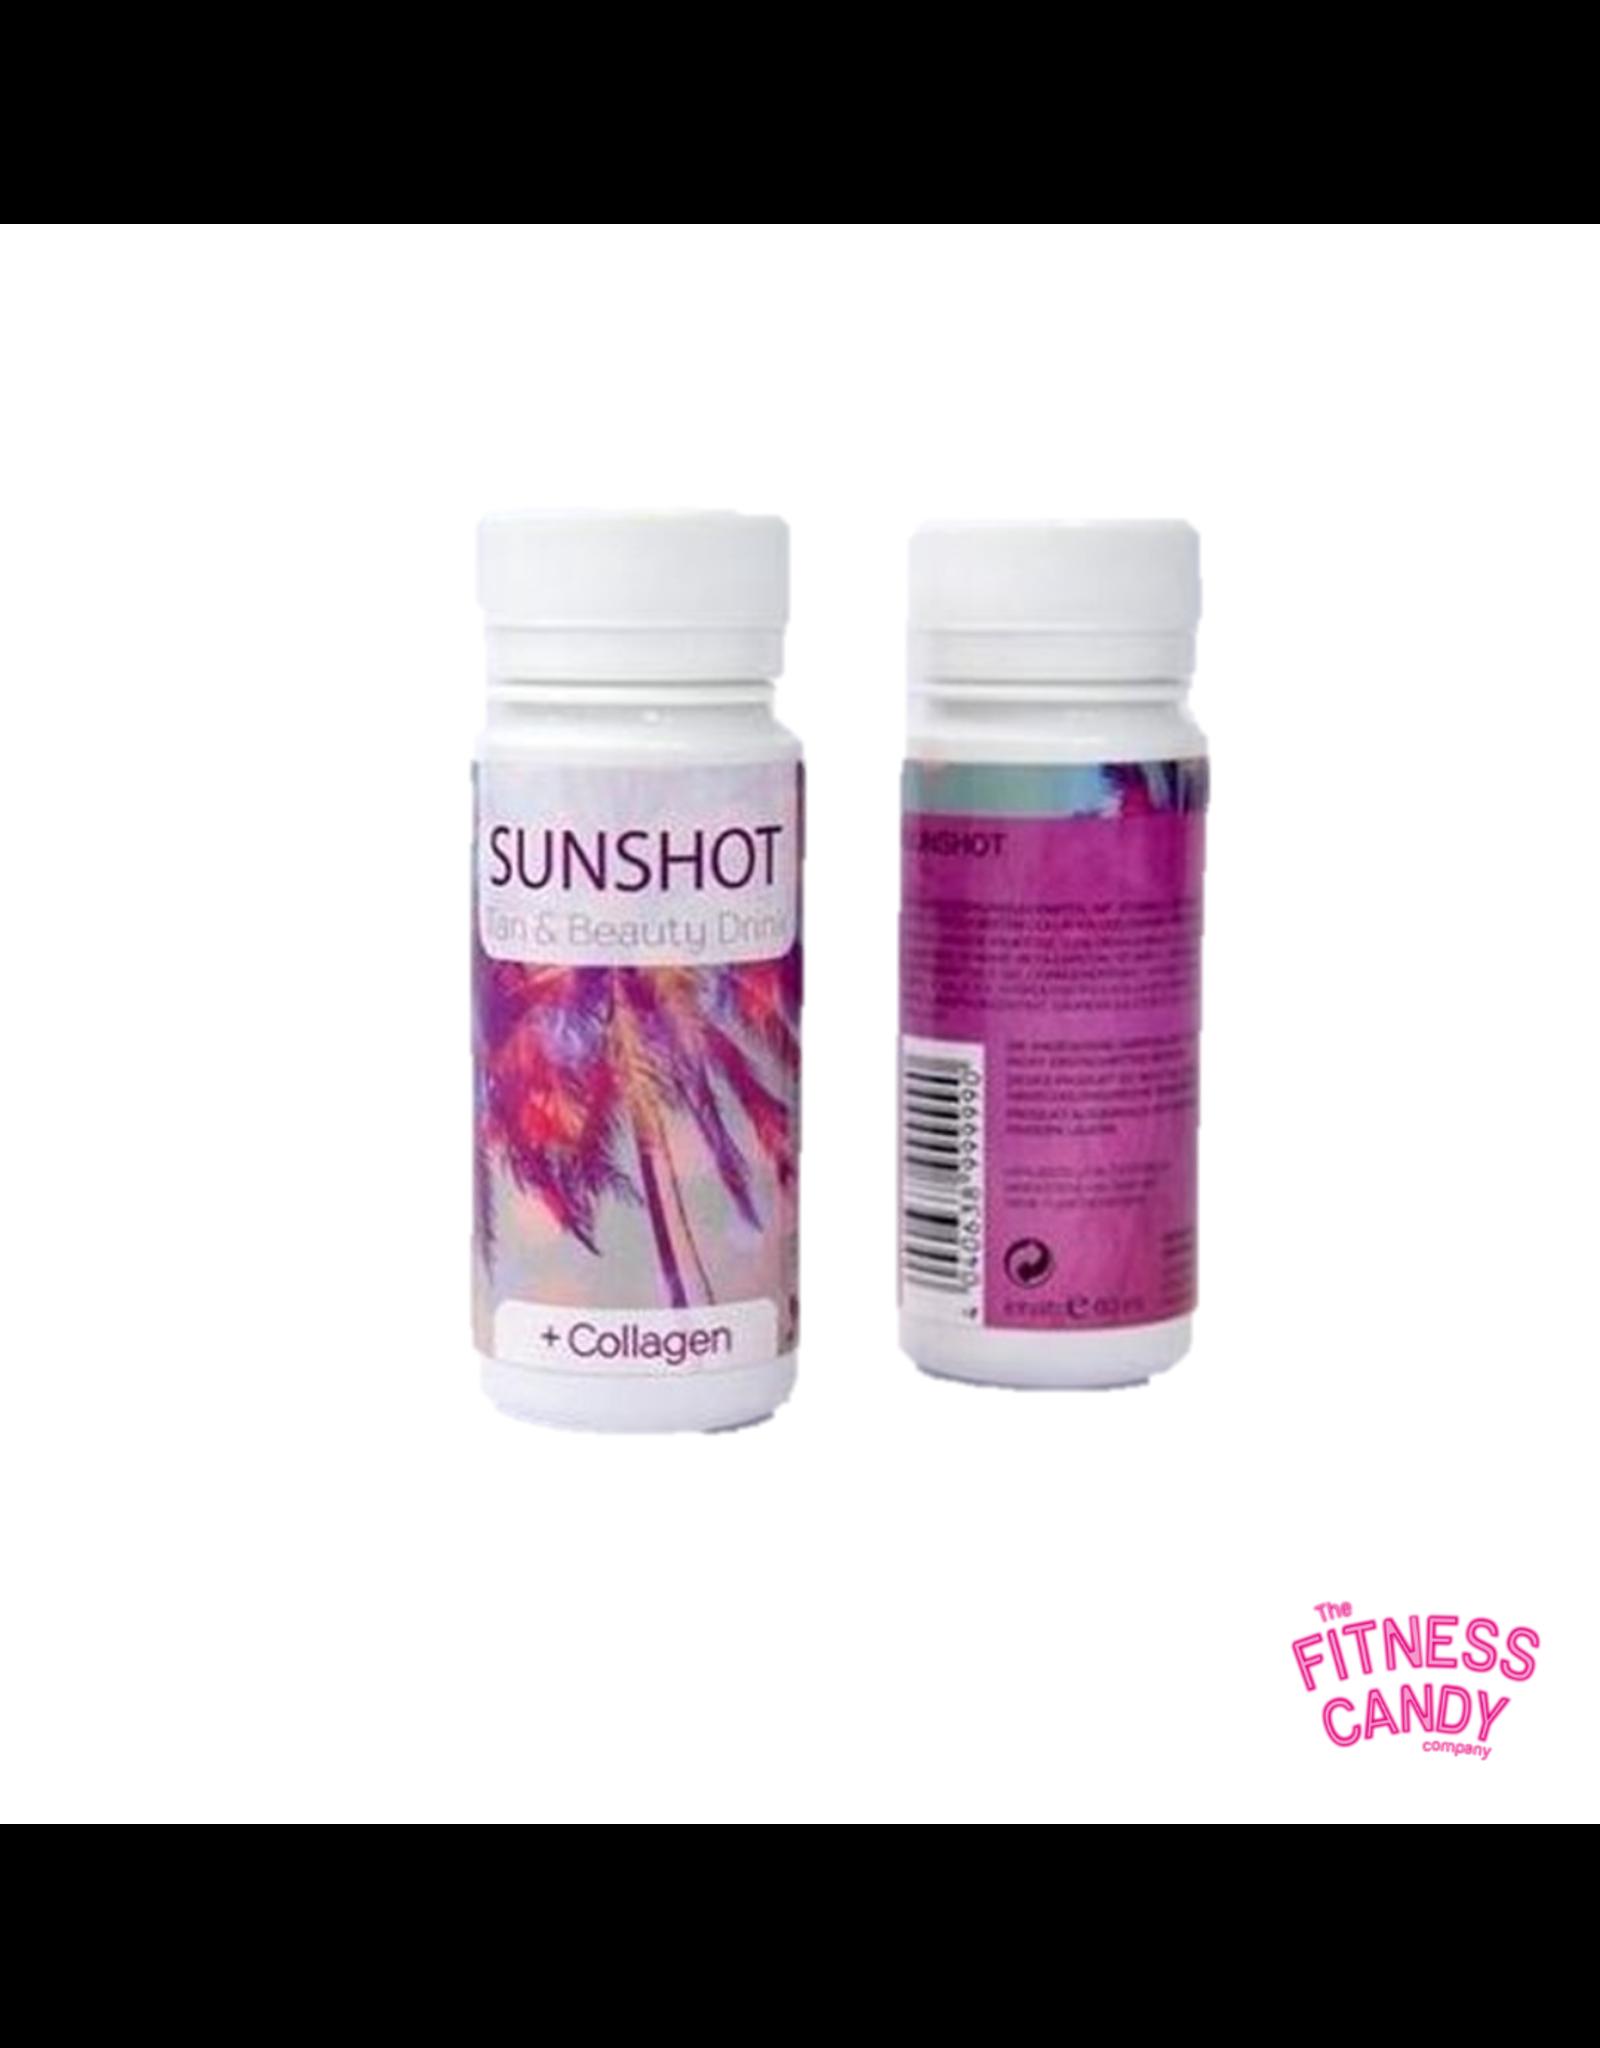 Sunshot SUNSHOT TAN & BEAUTY DRINKS